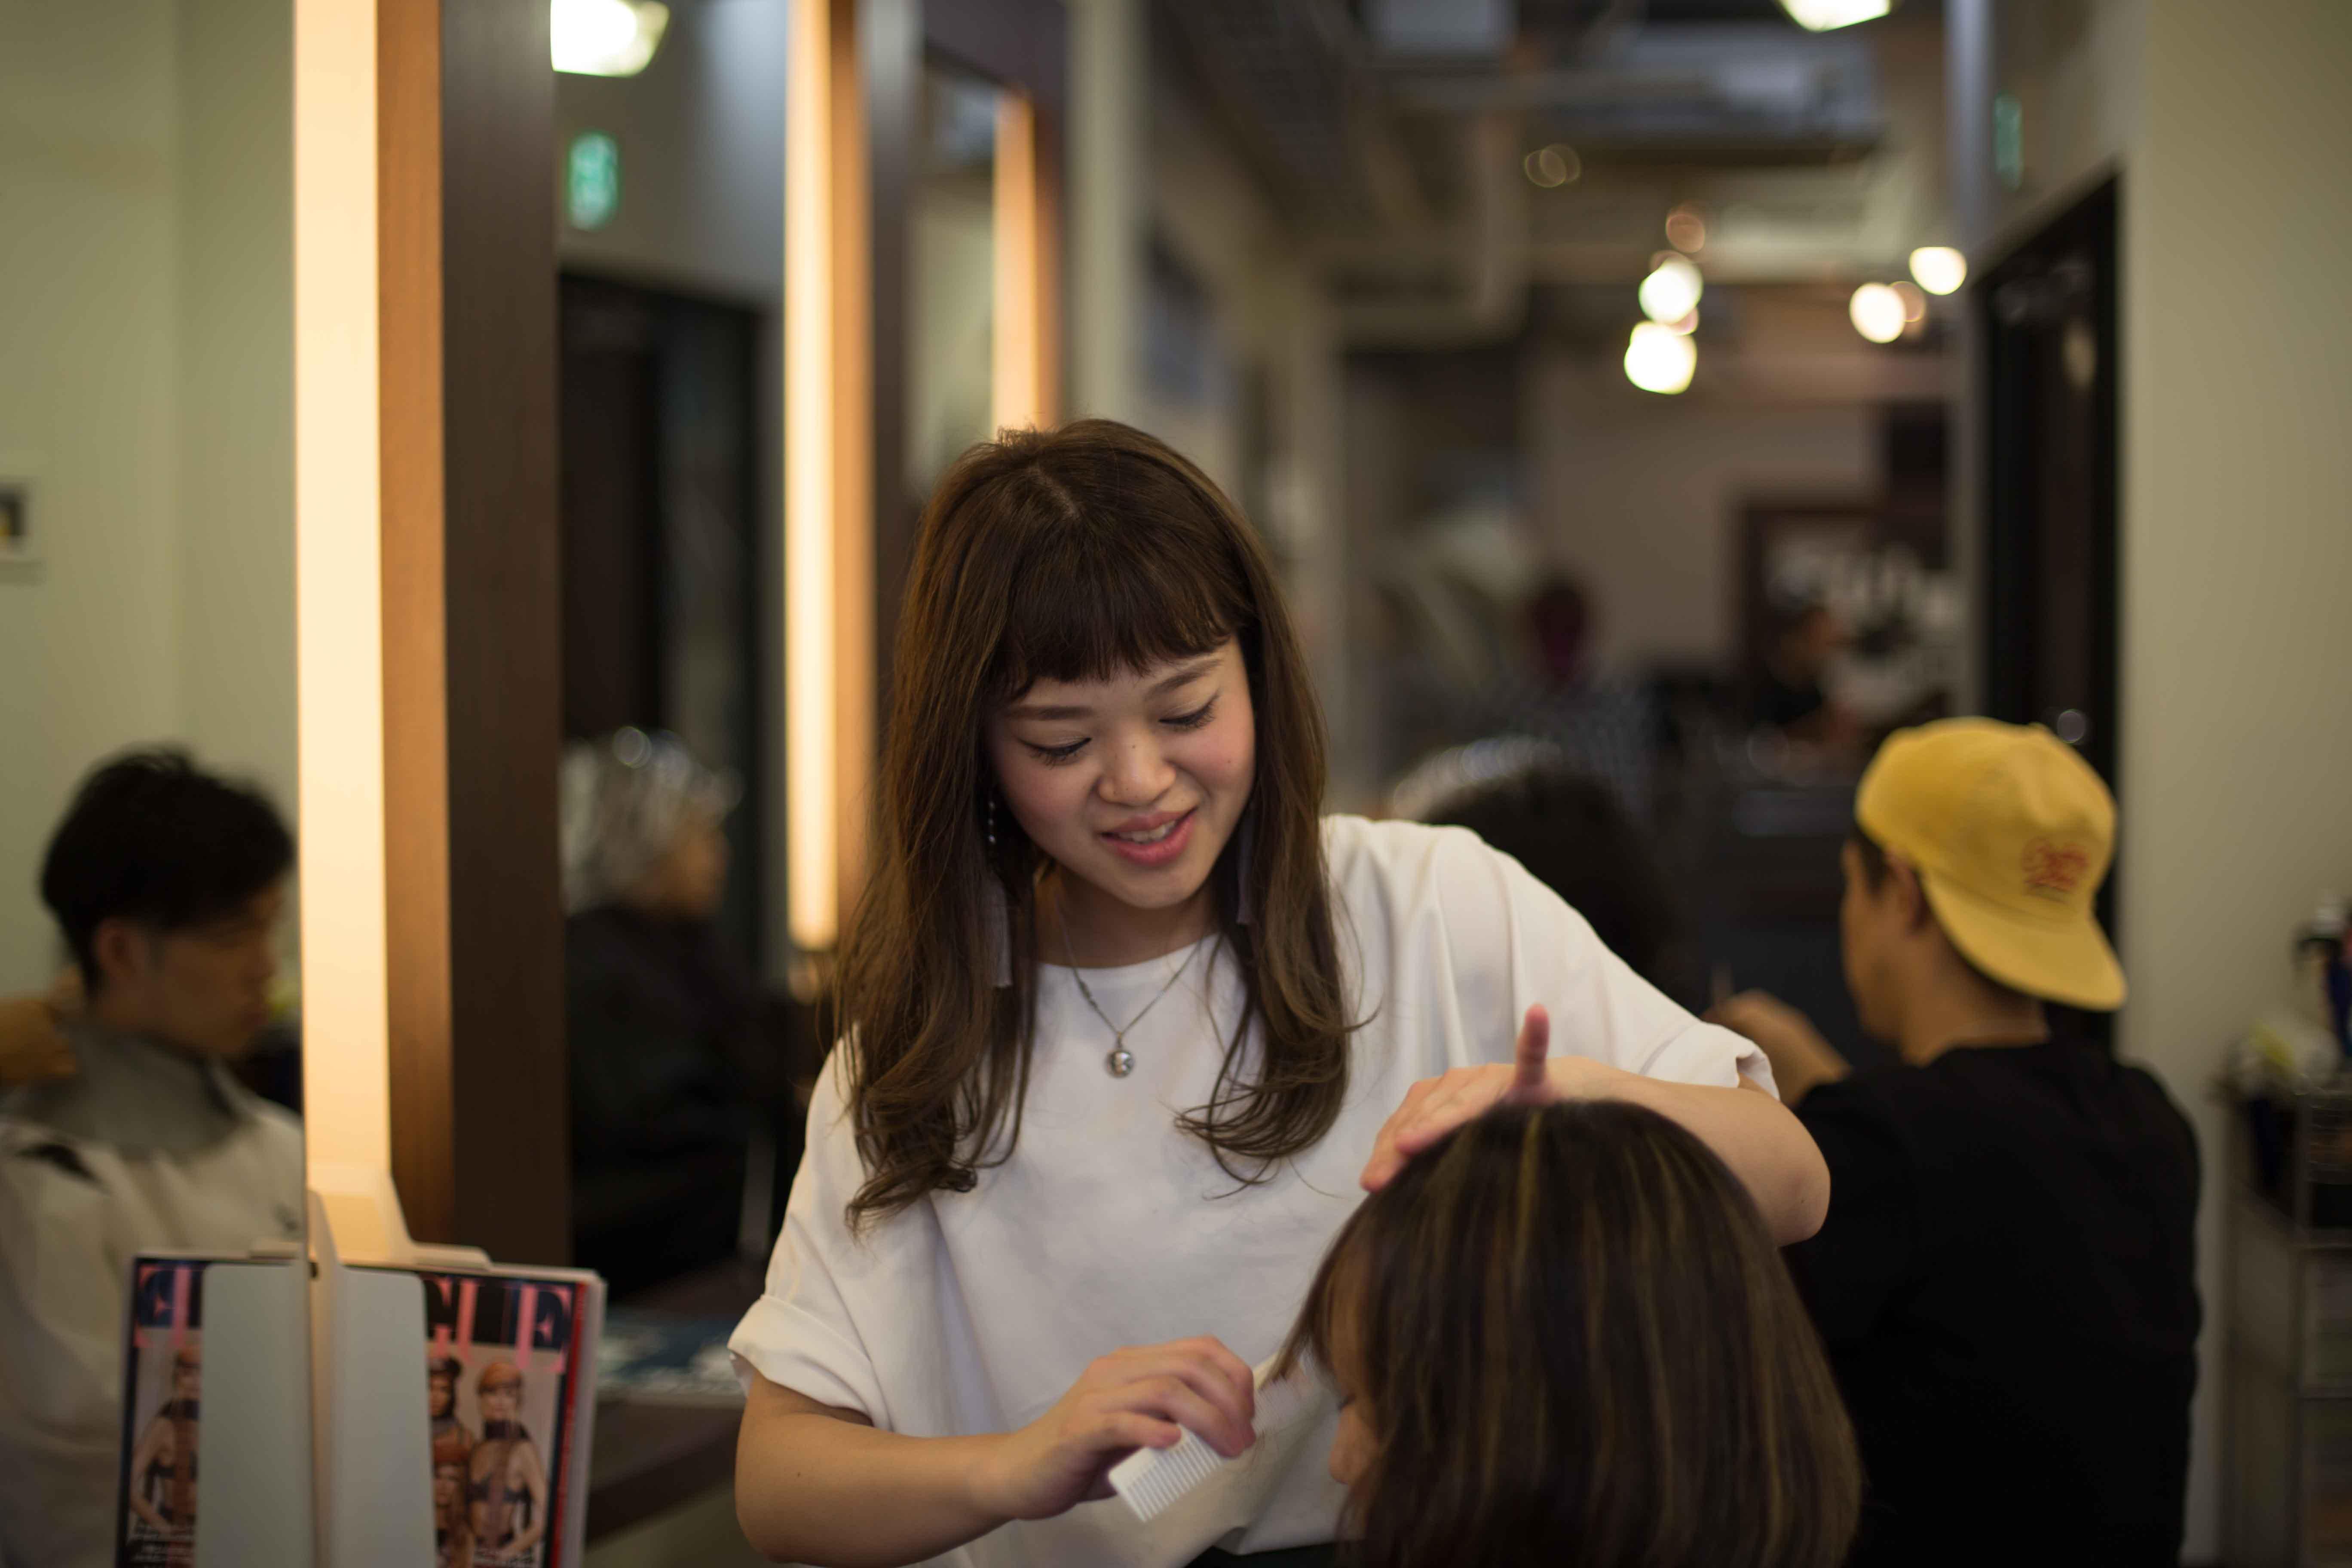 女性美容師 ママ美容師 出産 育児 表参道 美容室 スタイリスト募集 中途 新卒 アシスタント募集 外国人の多い美容室